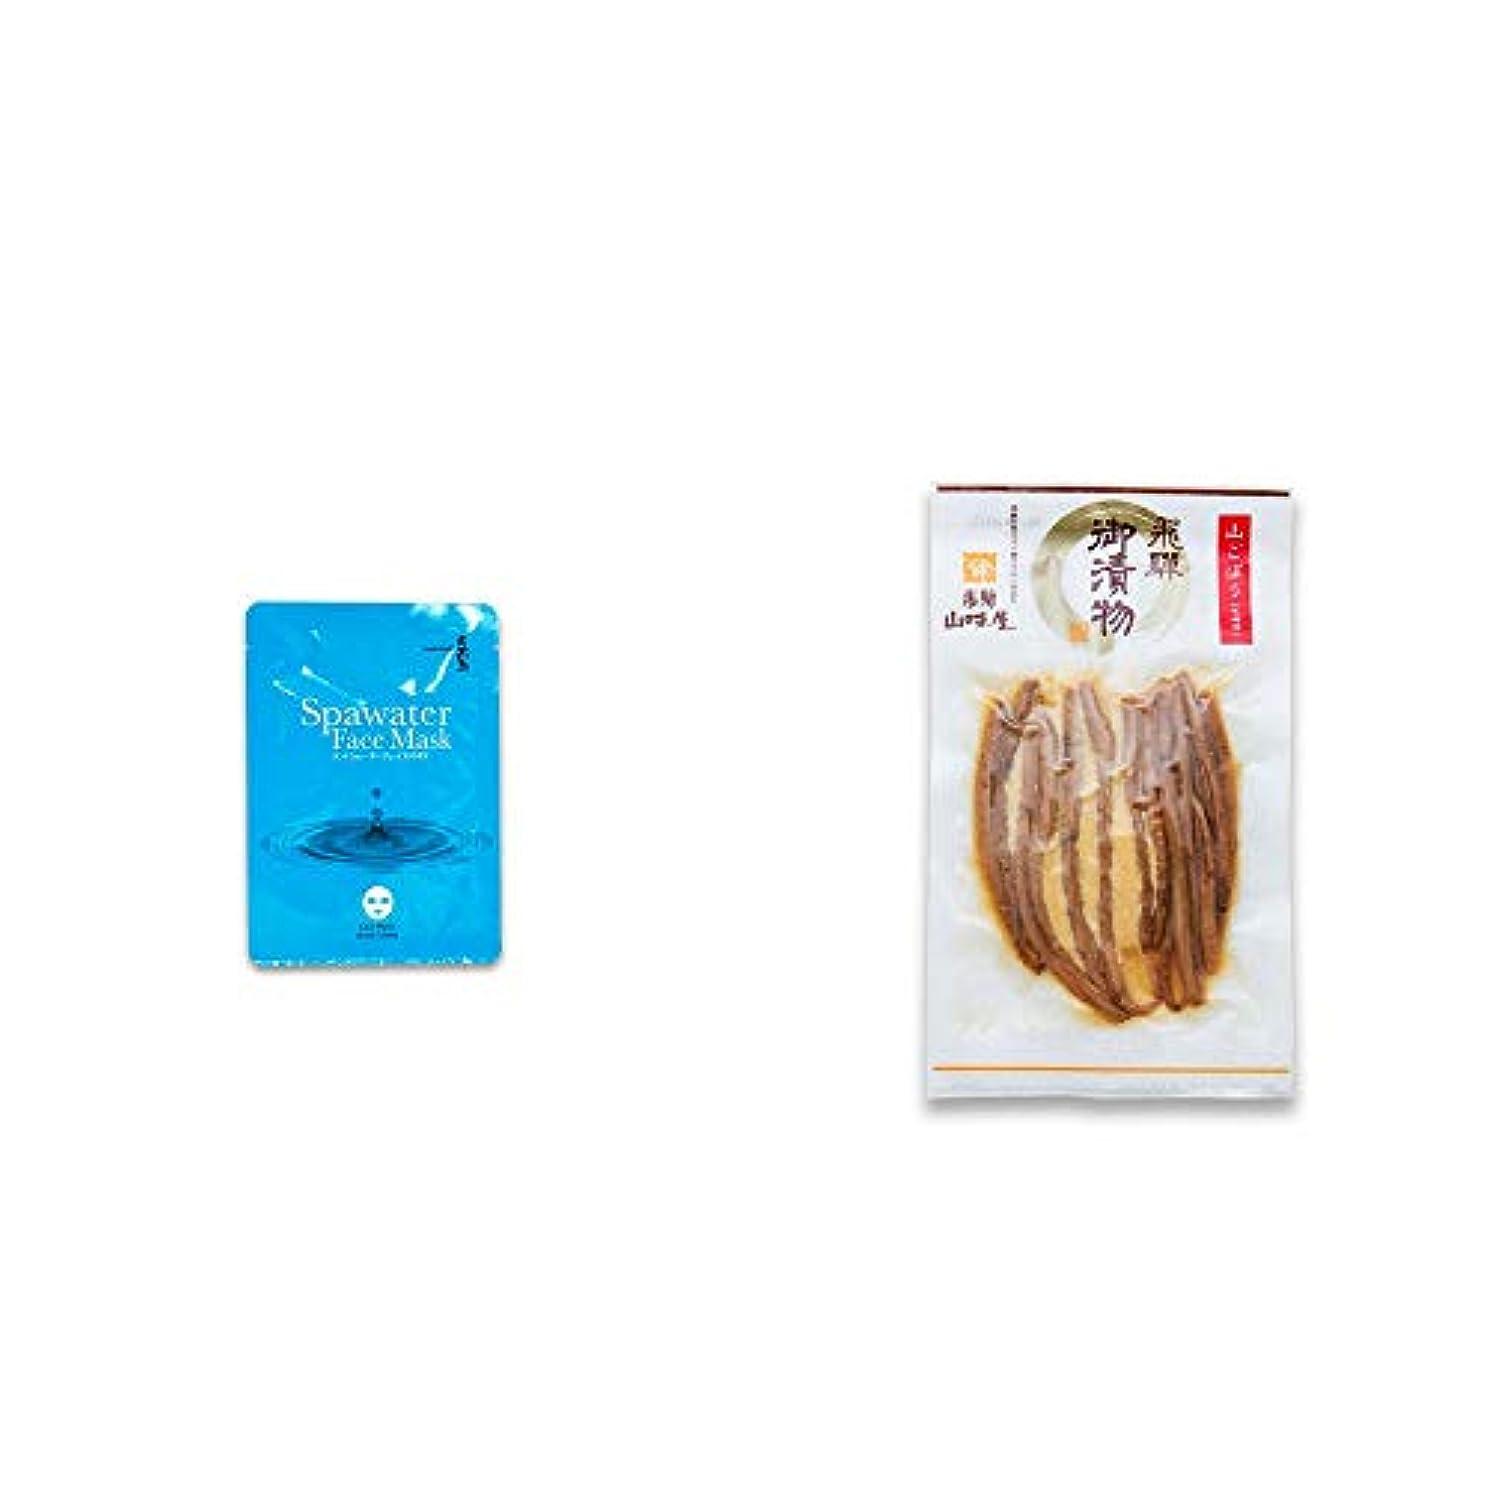 感性ブラインドトロリーバス[2点セット] ひのき炭黒泉 スパウォーターフェイスマスク(18ml×3枚入)・飛騨山味屋 山ごぼう味噌漬(80g)